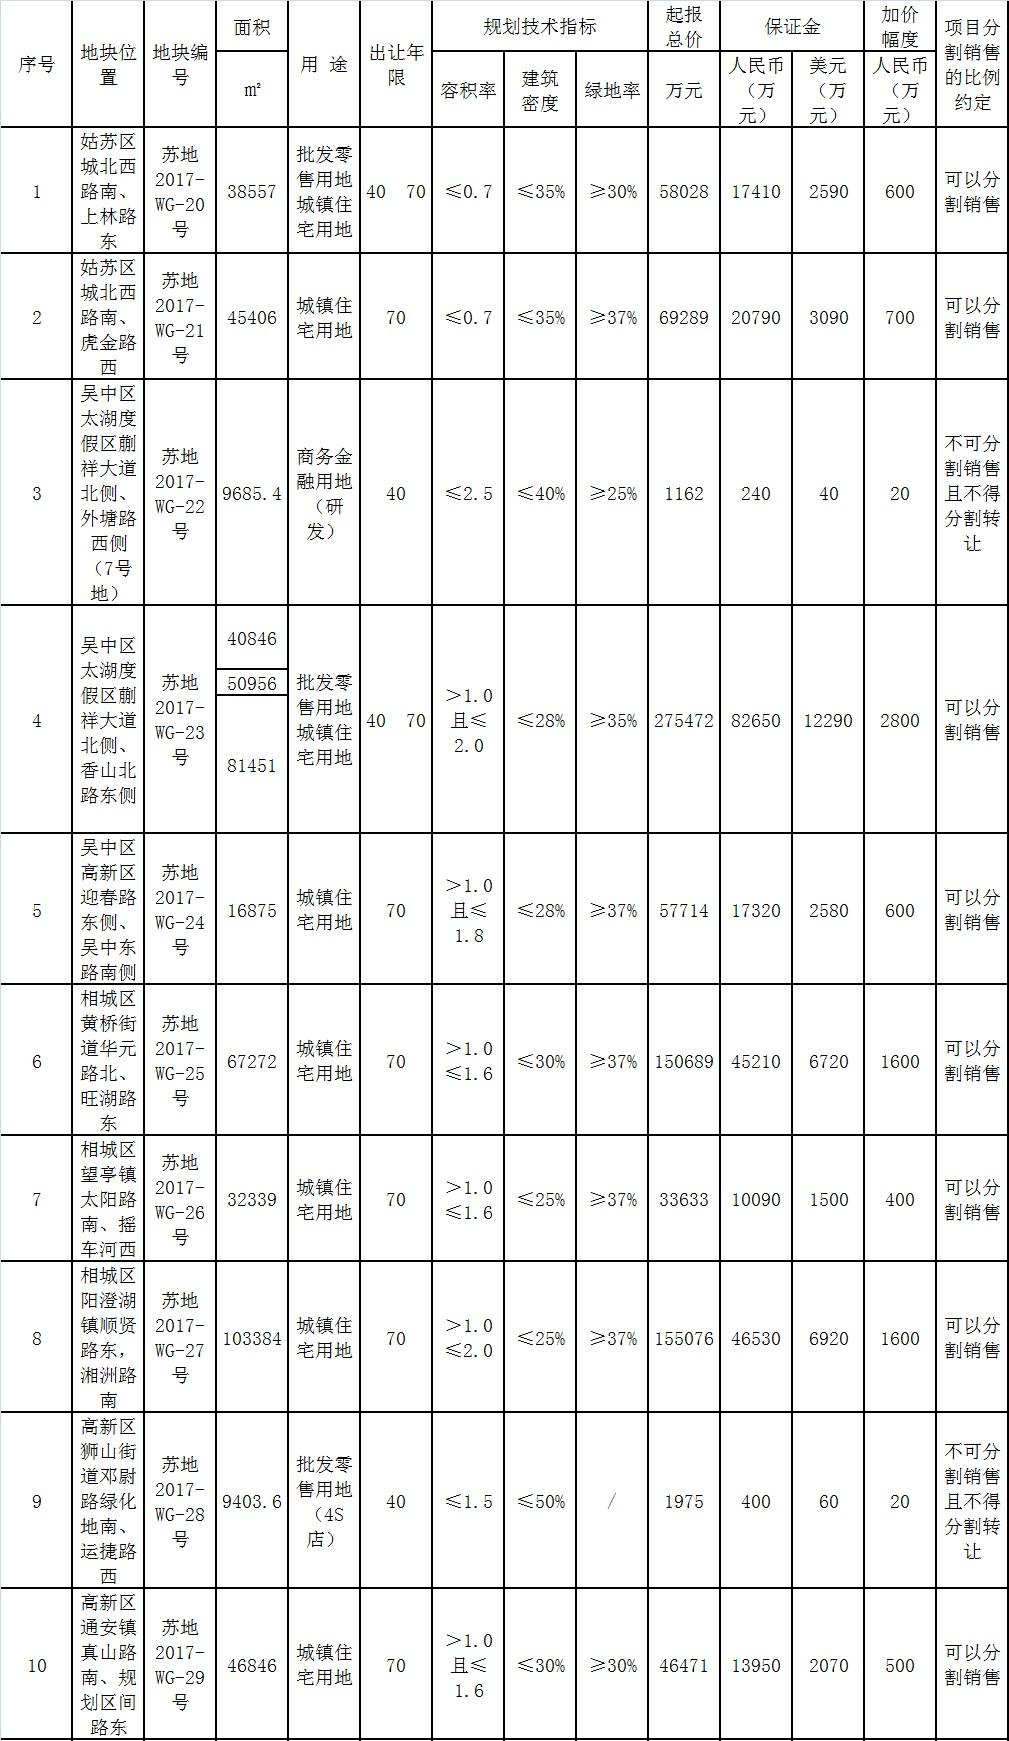 3cb5faf7f422cda792688f5e3d78a359.jpg